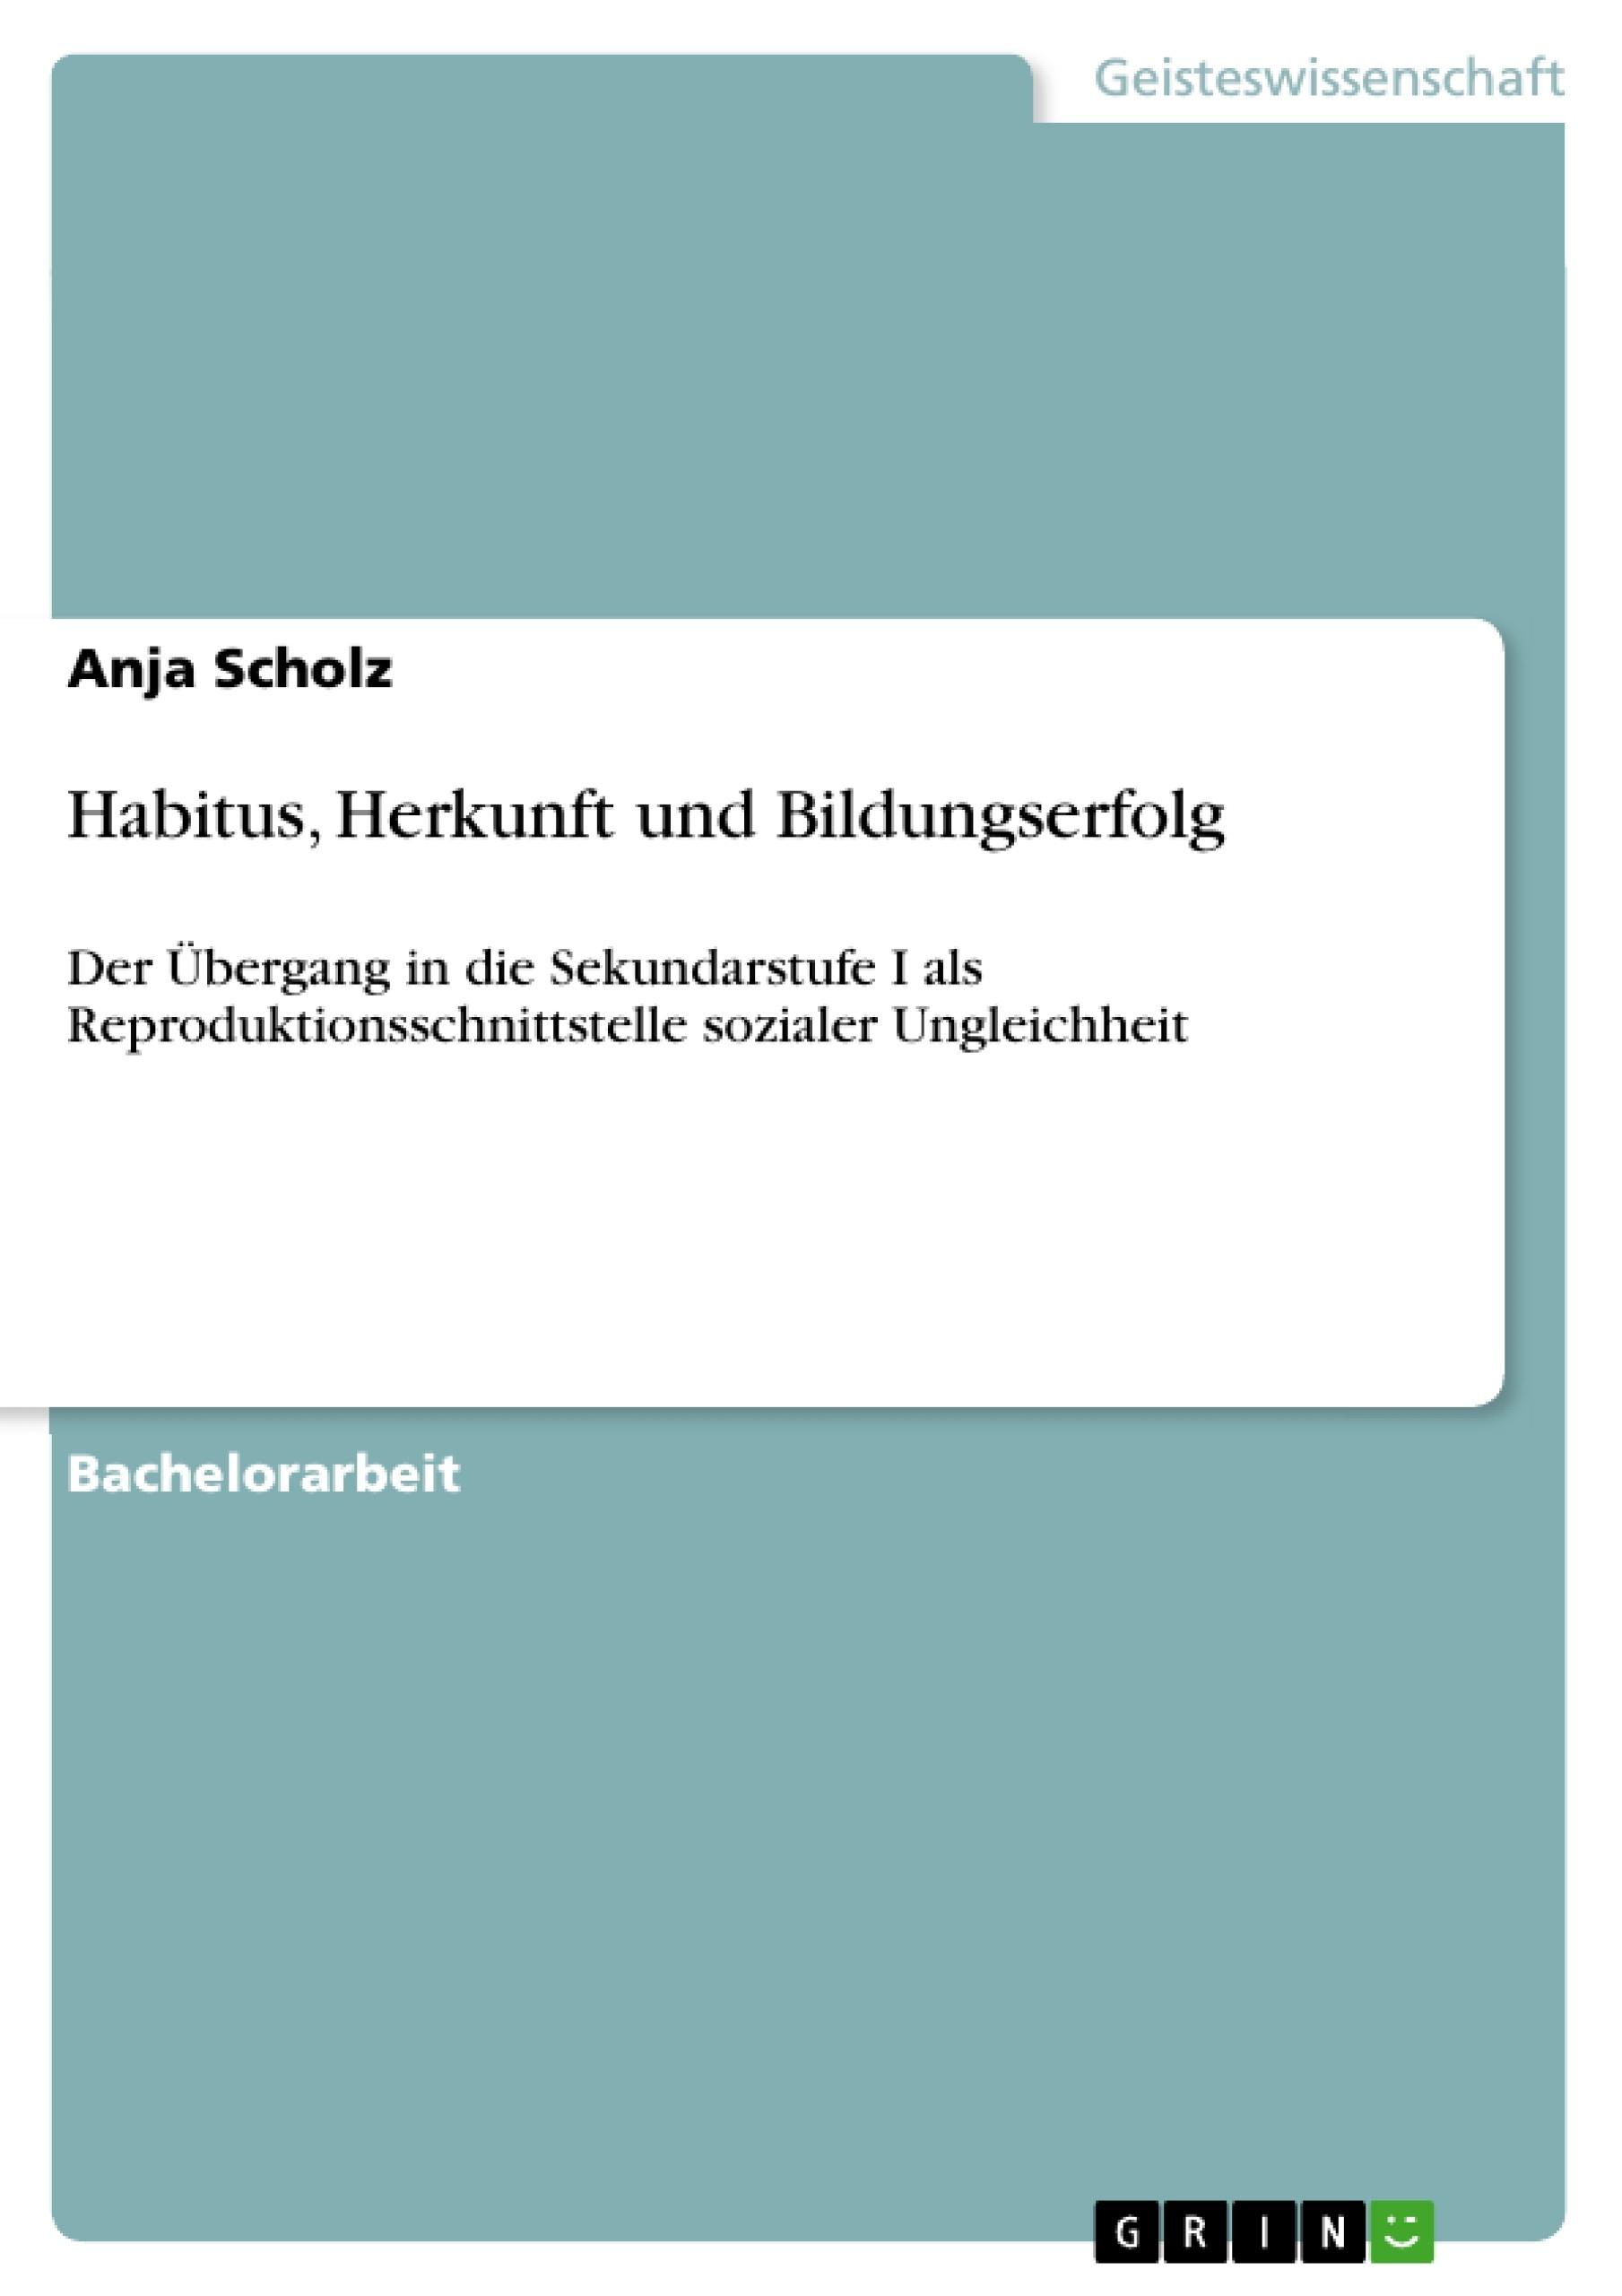 Titel: Habitus, Herkunft und Bildungserfolg